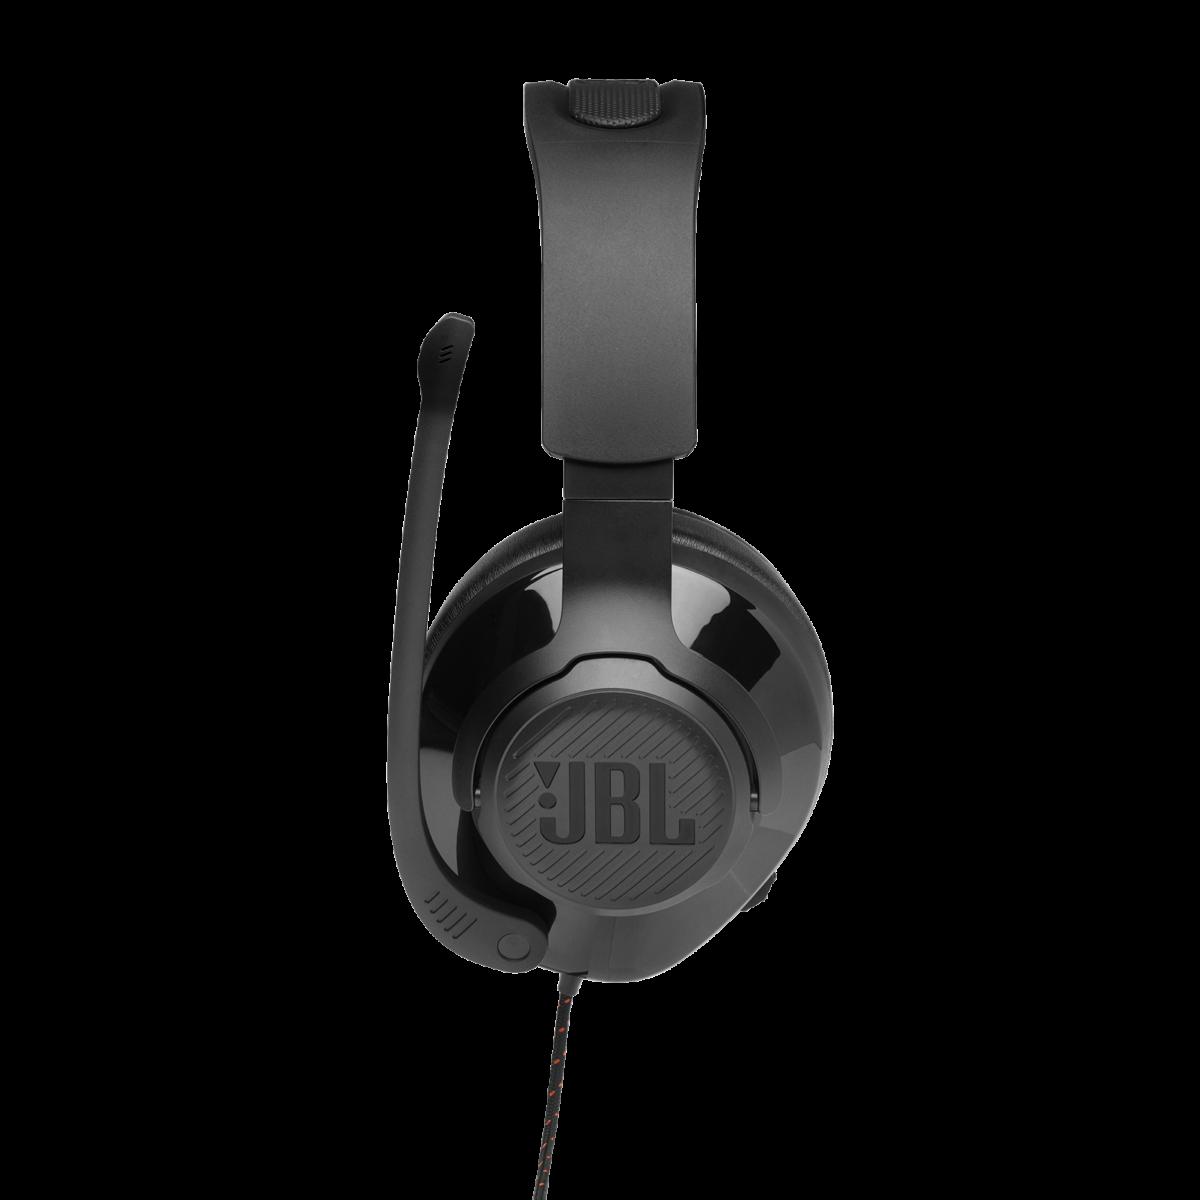 JBL Quantum 300 Product Image Side Mic Up